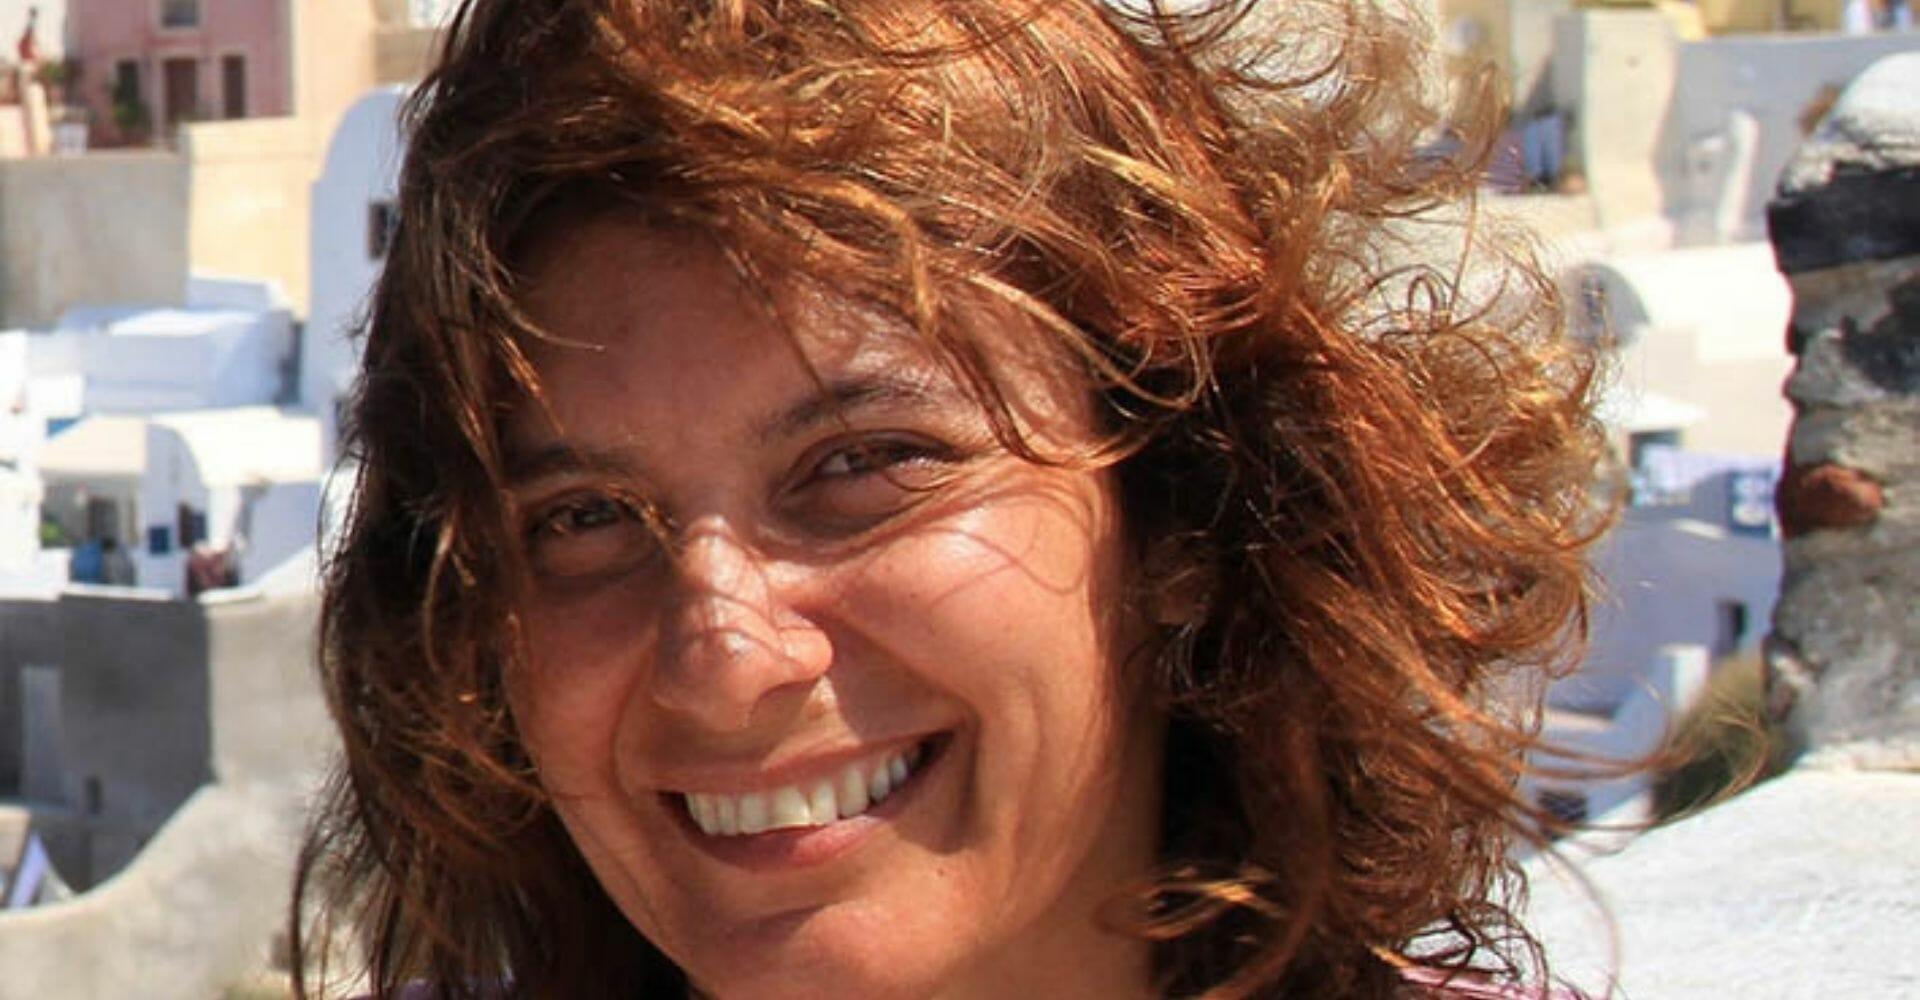 Chiara-Montani IL MISTERO DELLA PITTRICE RIBELLE